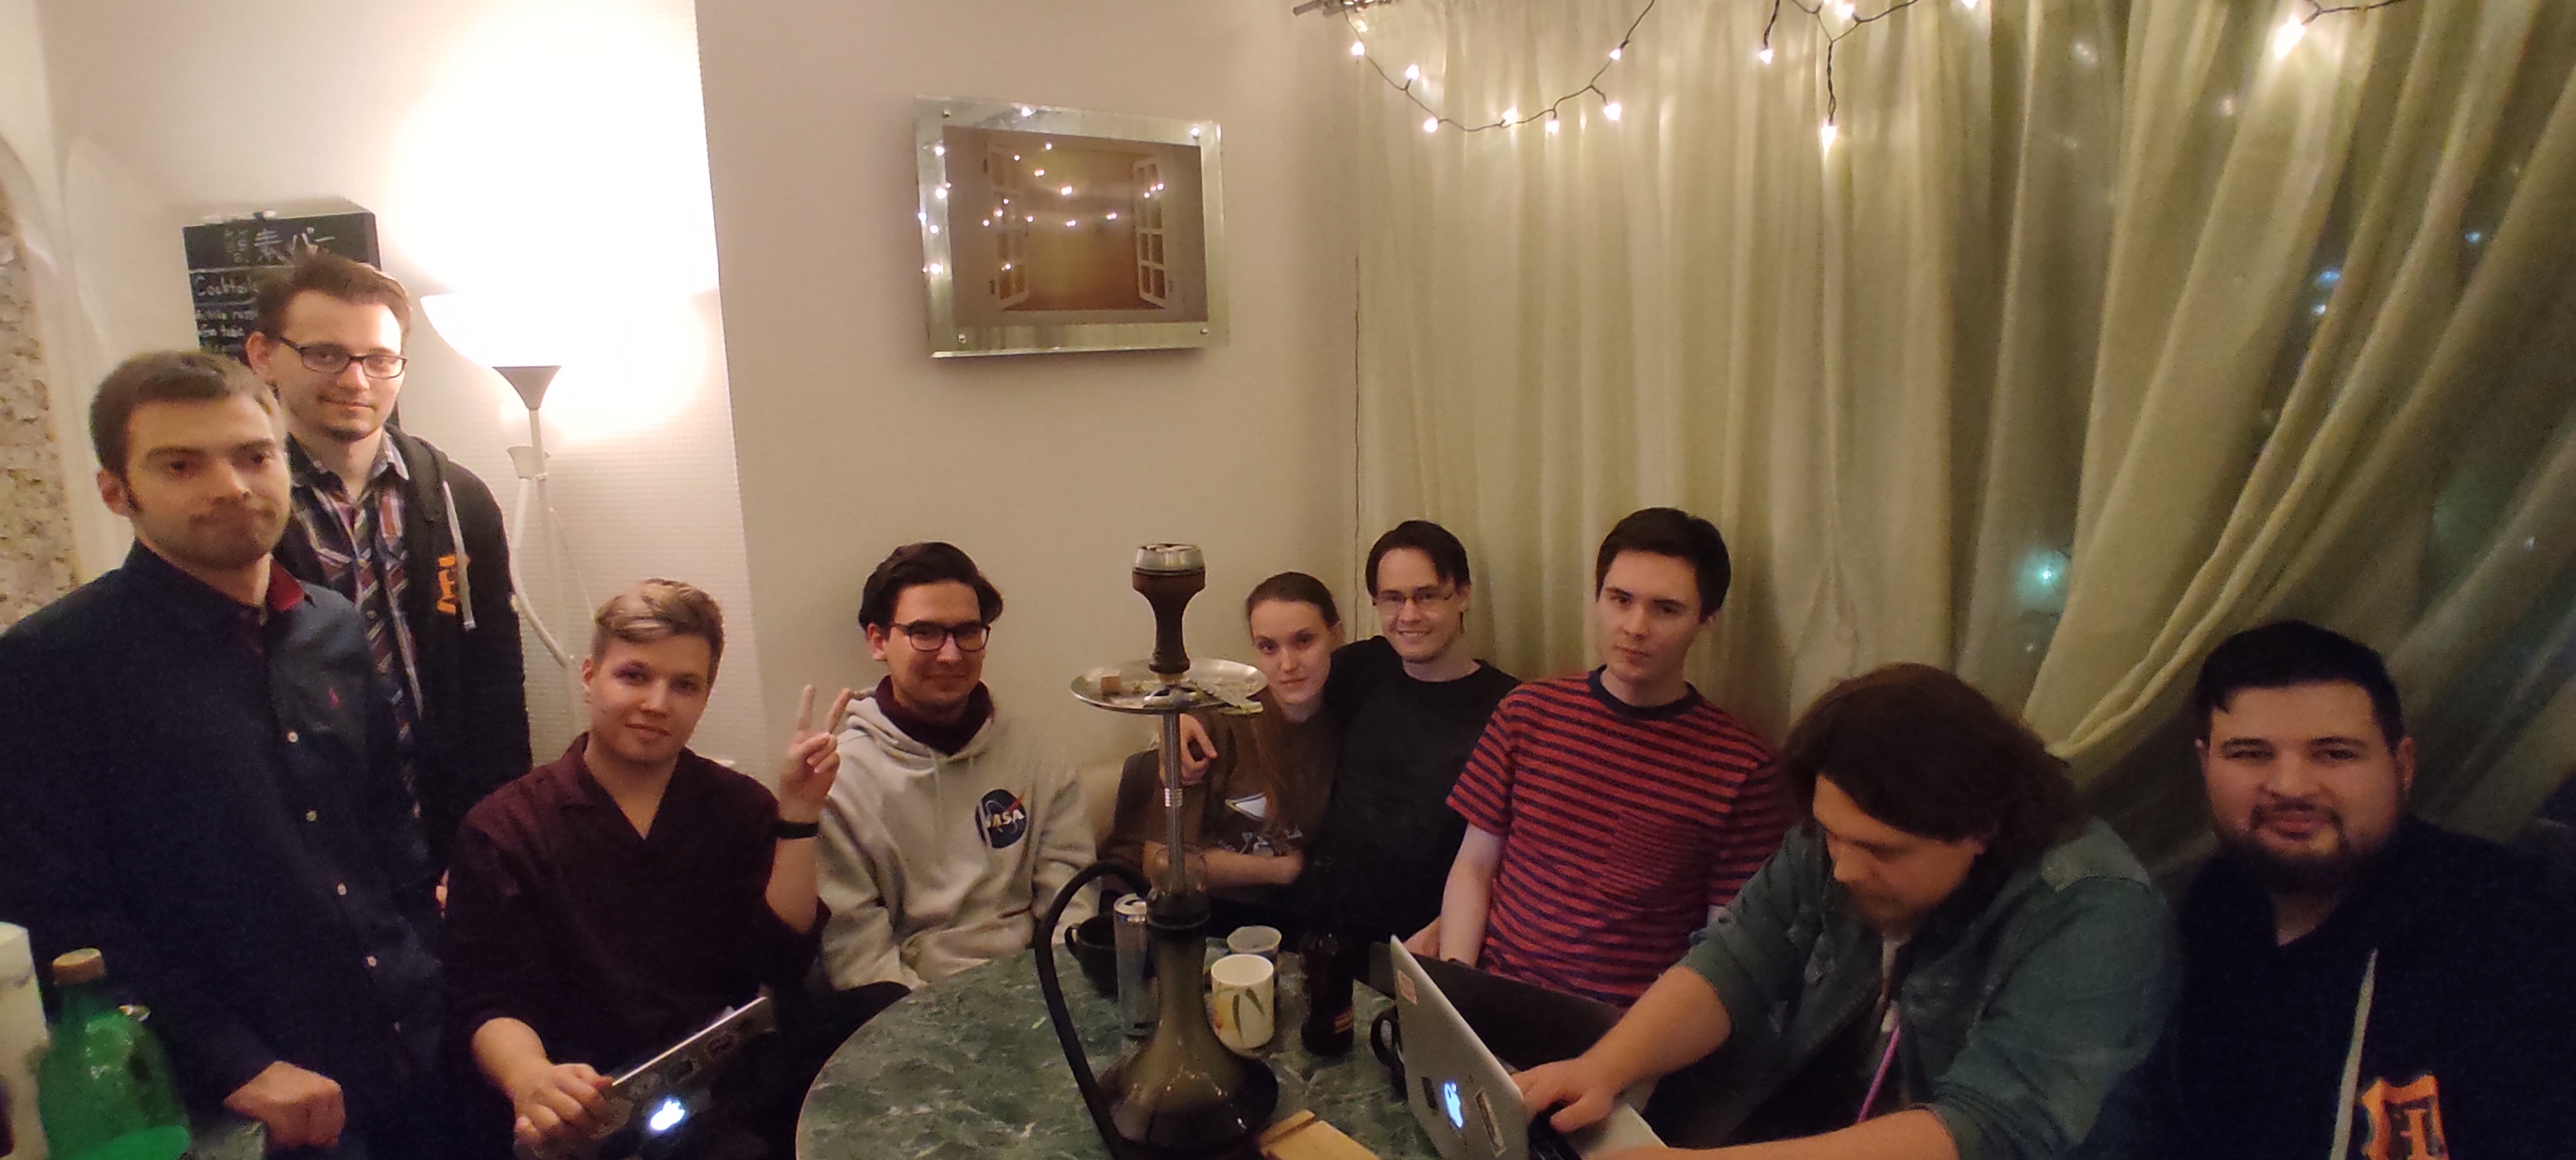 Часть команды разработчиков RuCTFE, находящаяся в Екатеринбурге